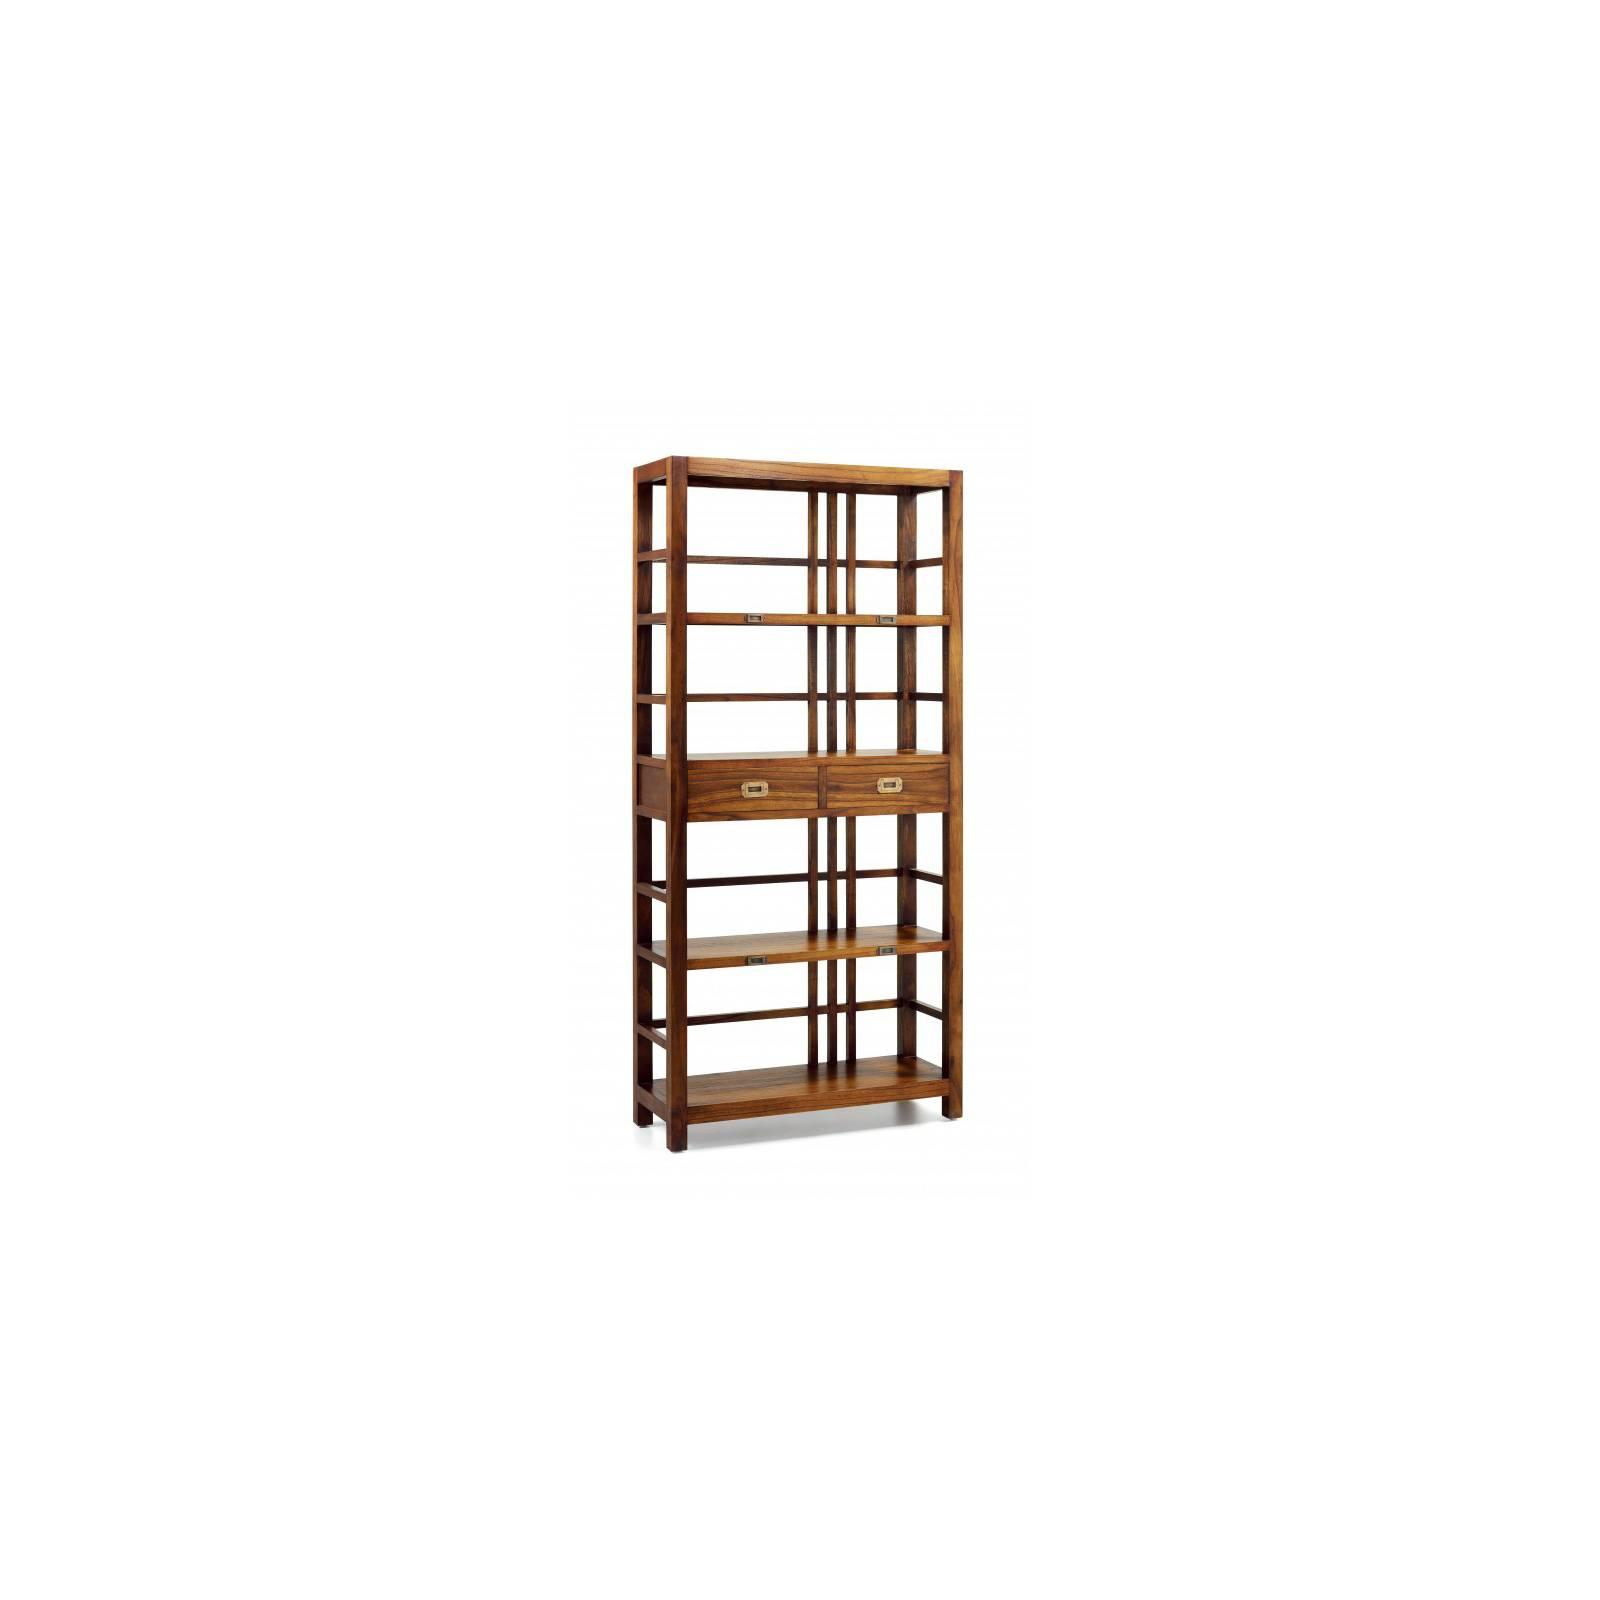 Bibliothèque Deux Tiroirs Tali Mindy - meuble bois exotique